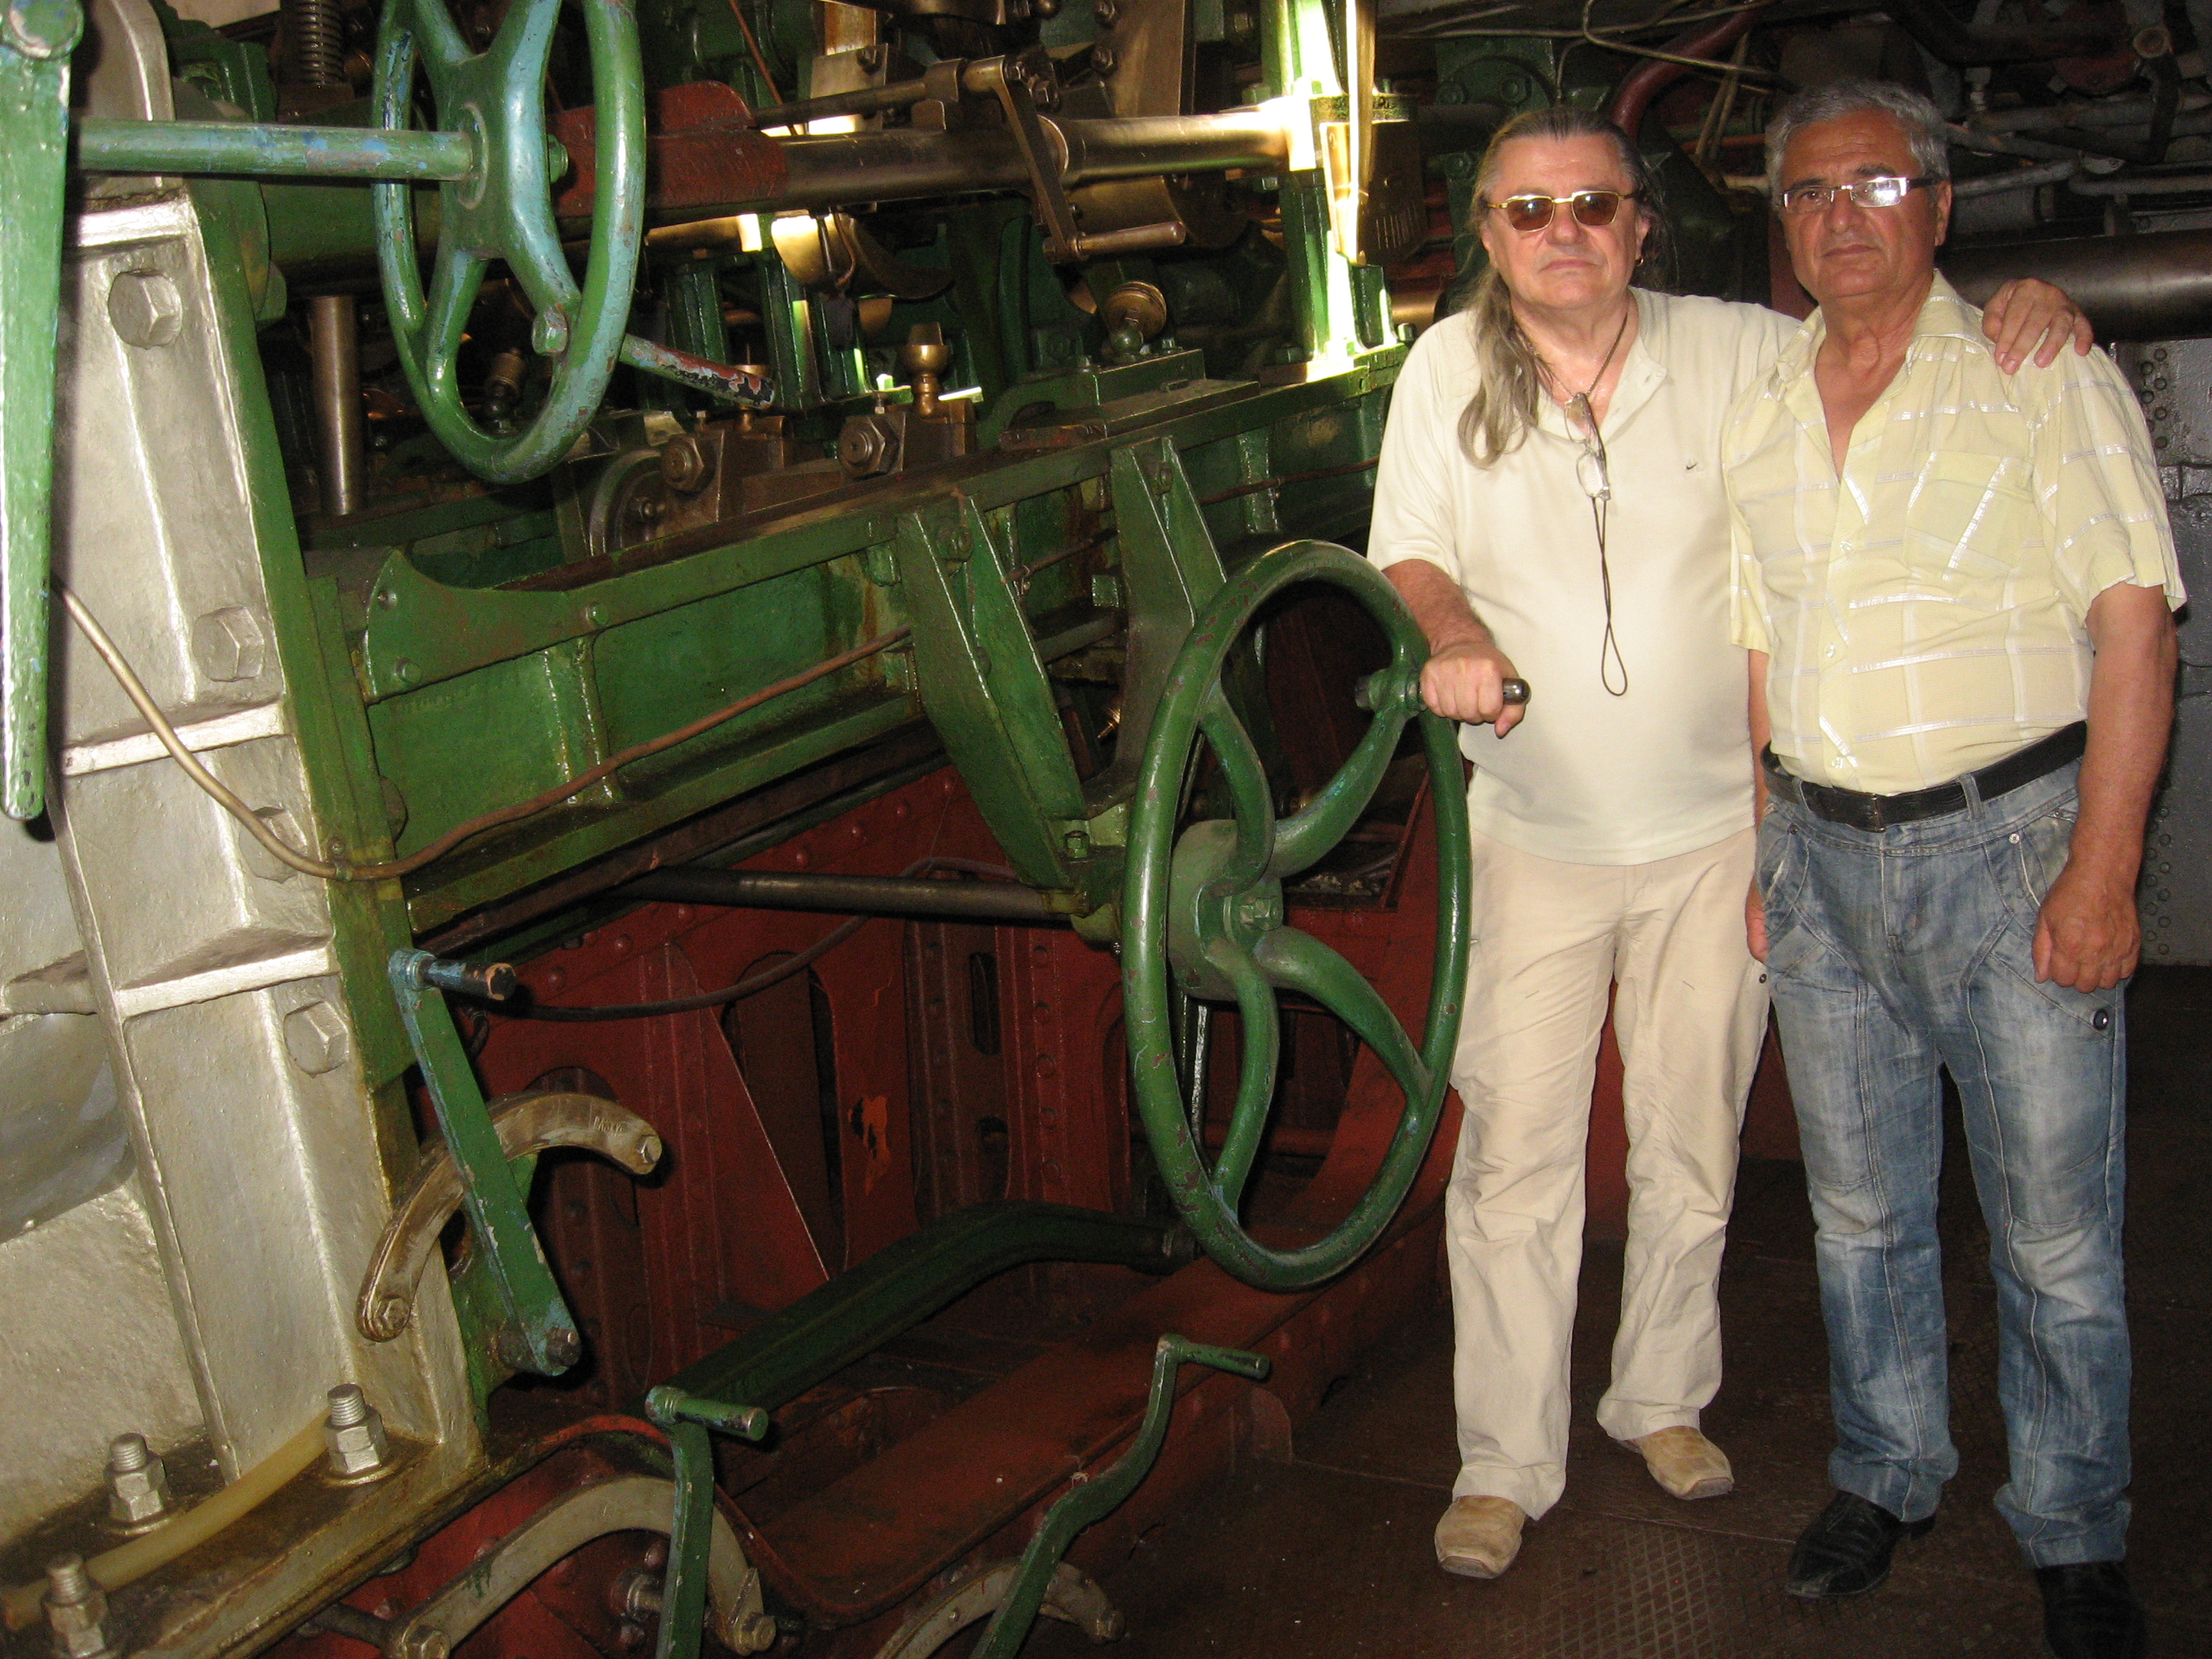 02 august 2014, împreună cu Gheorghe Avădanei - custodele navei REPUBLICA, în compartimenul mașini.